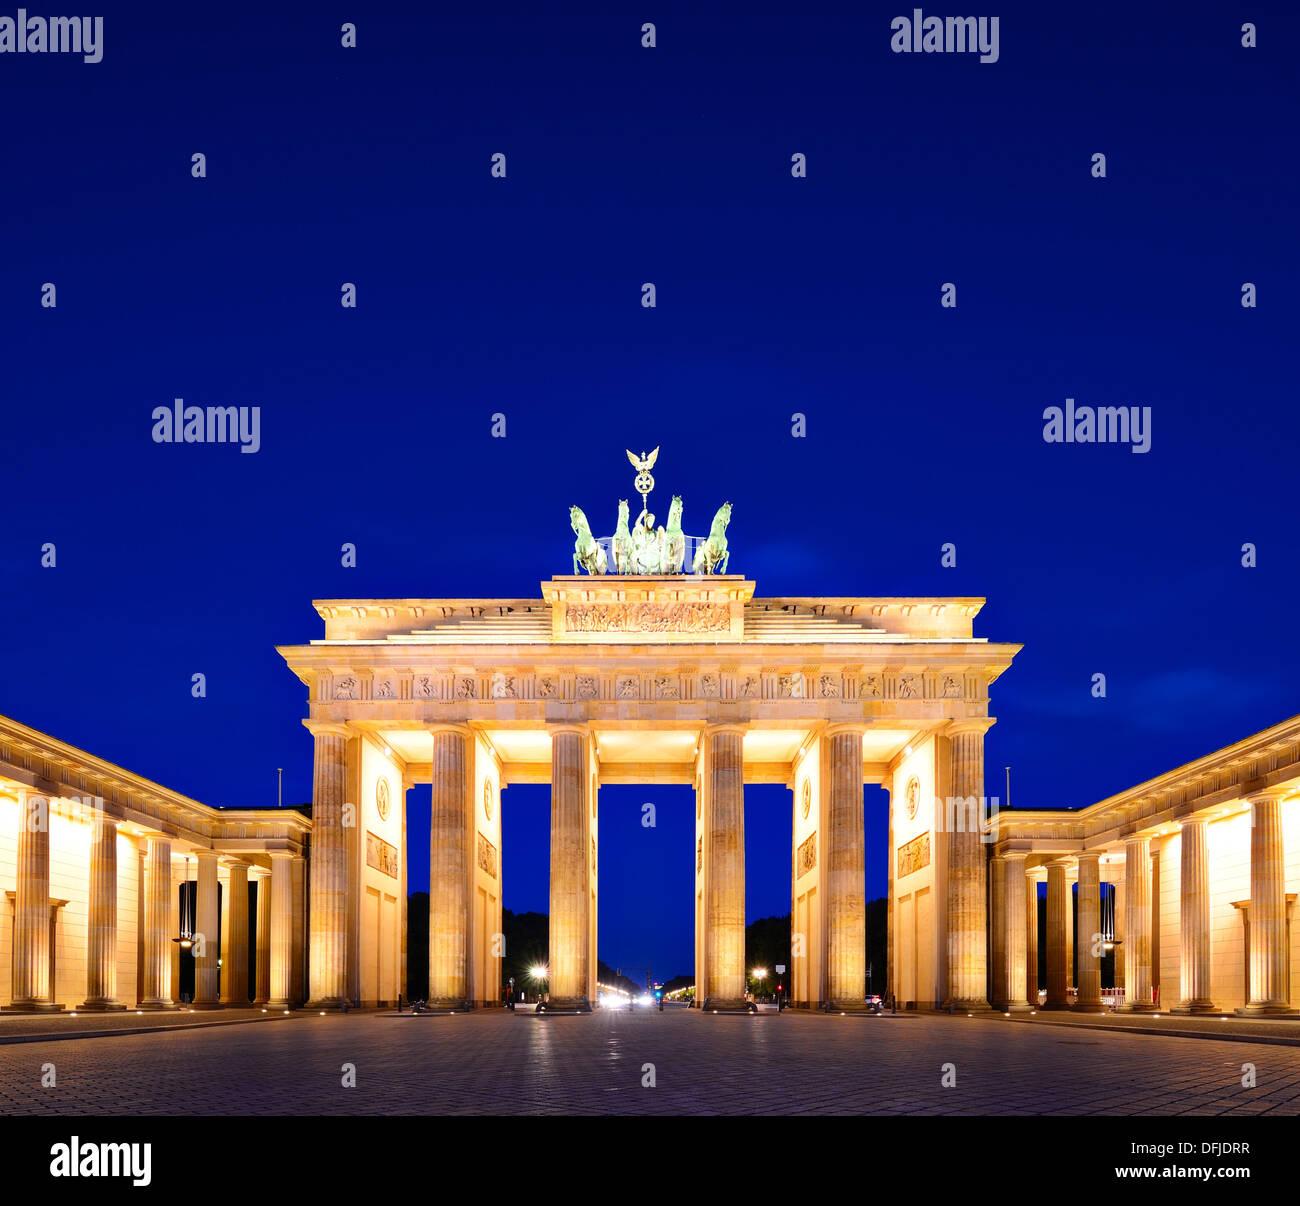 Brandenburg Gate in Berlin, Germany. Stock Photo